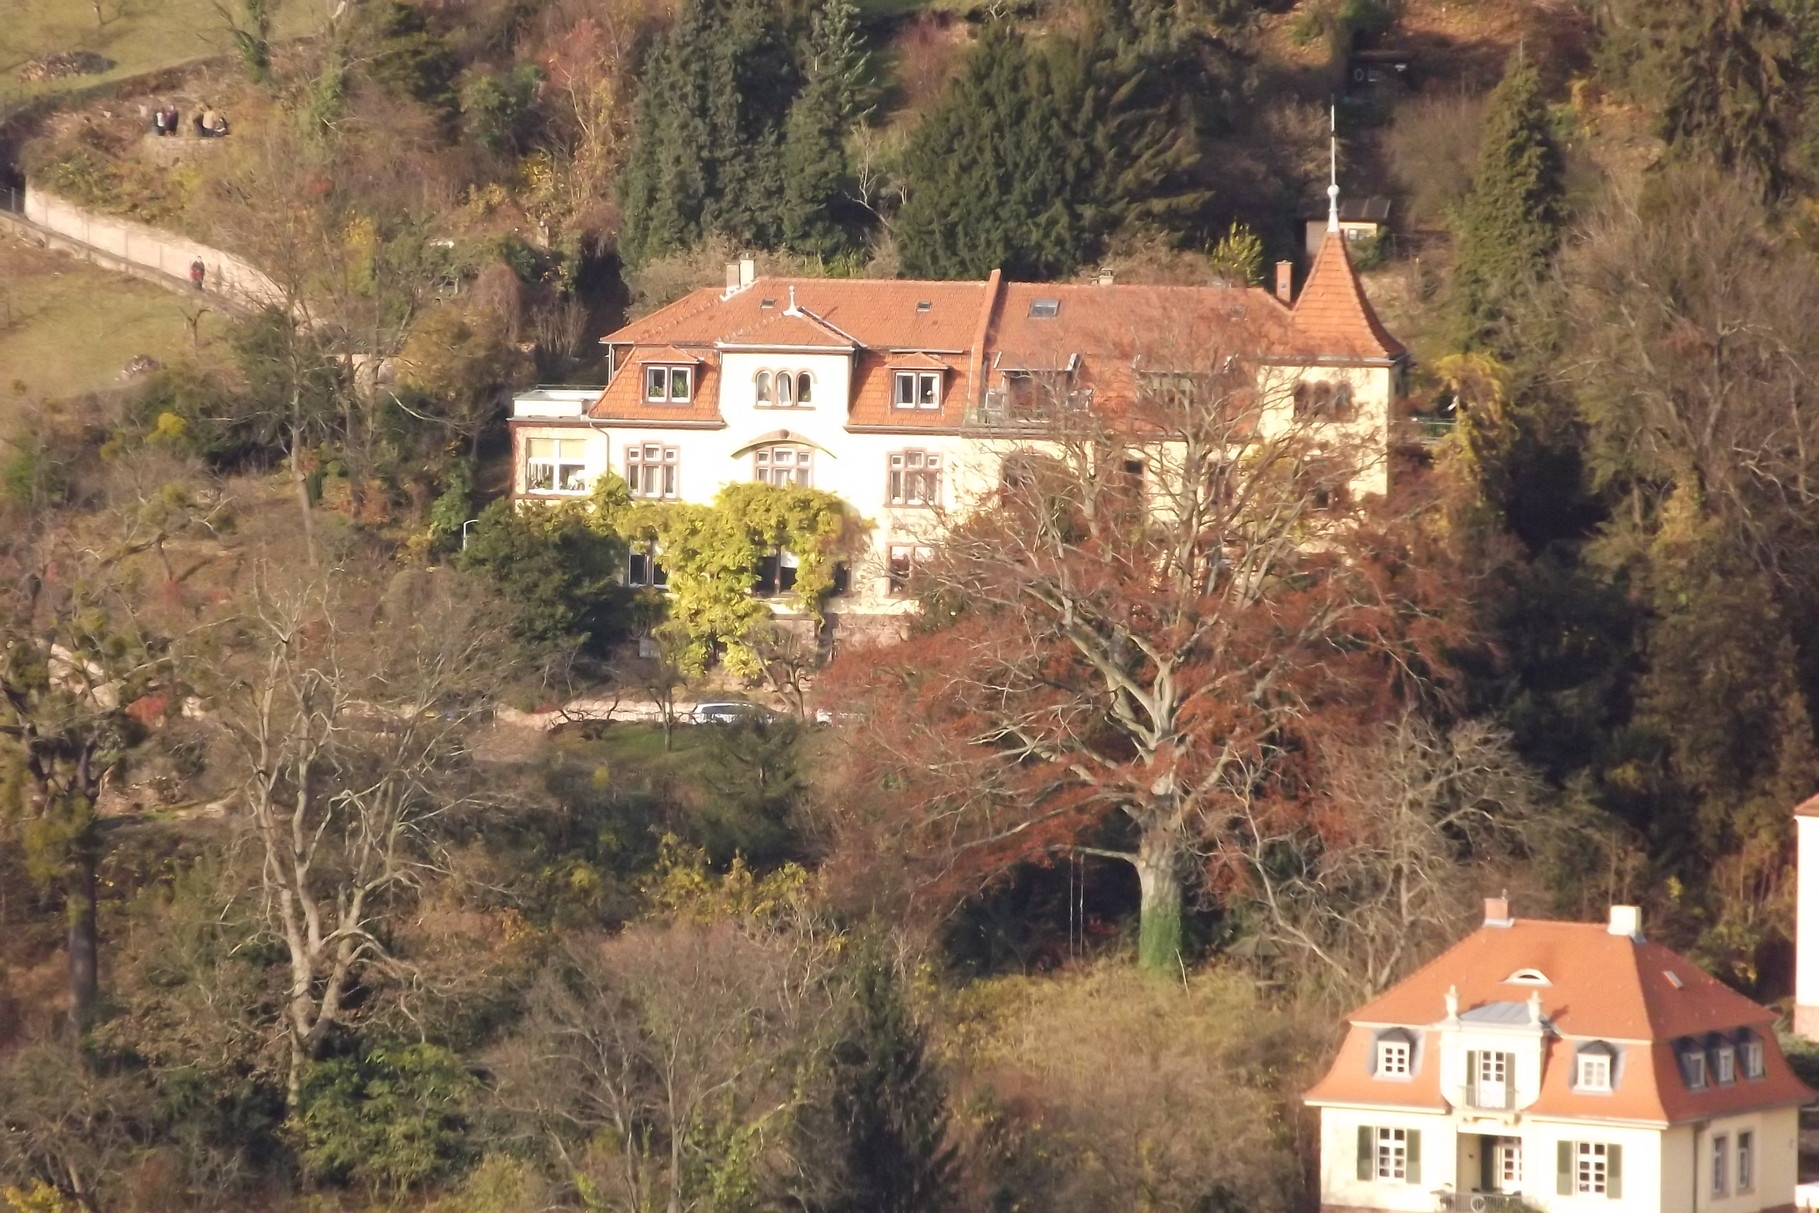 Doppelhaus in Heidelberg am Hang des Heiligenbergs, das in den 1880-er Jahren der Archäologe Friedrich von Duhn erbaute. In  dieser Lage ist das Doppelhaus heute ca. 4.000.000€ wert samt gr. Garten bis zum Schlangen- und Philosophenweg